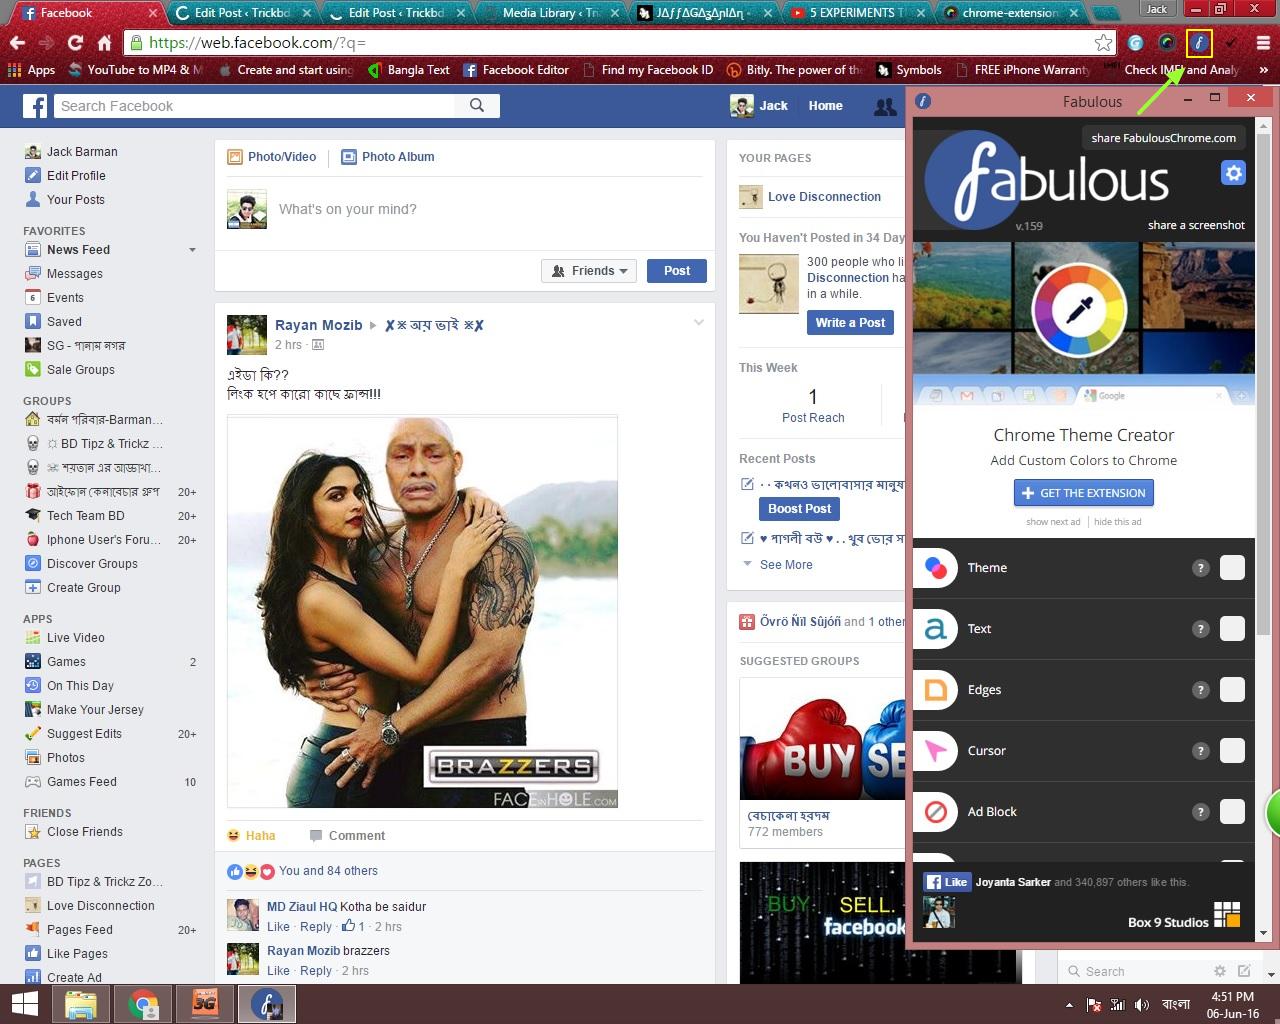 FB-Fabulous Customize Your Facebook-2